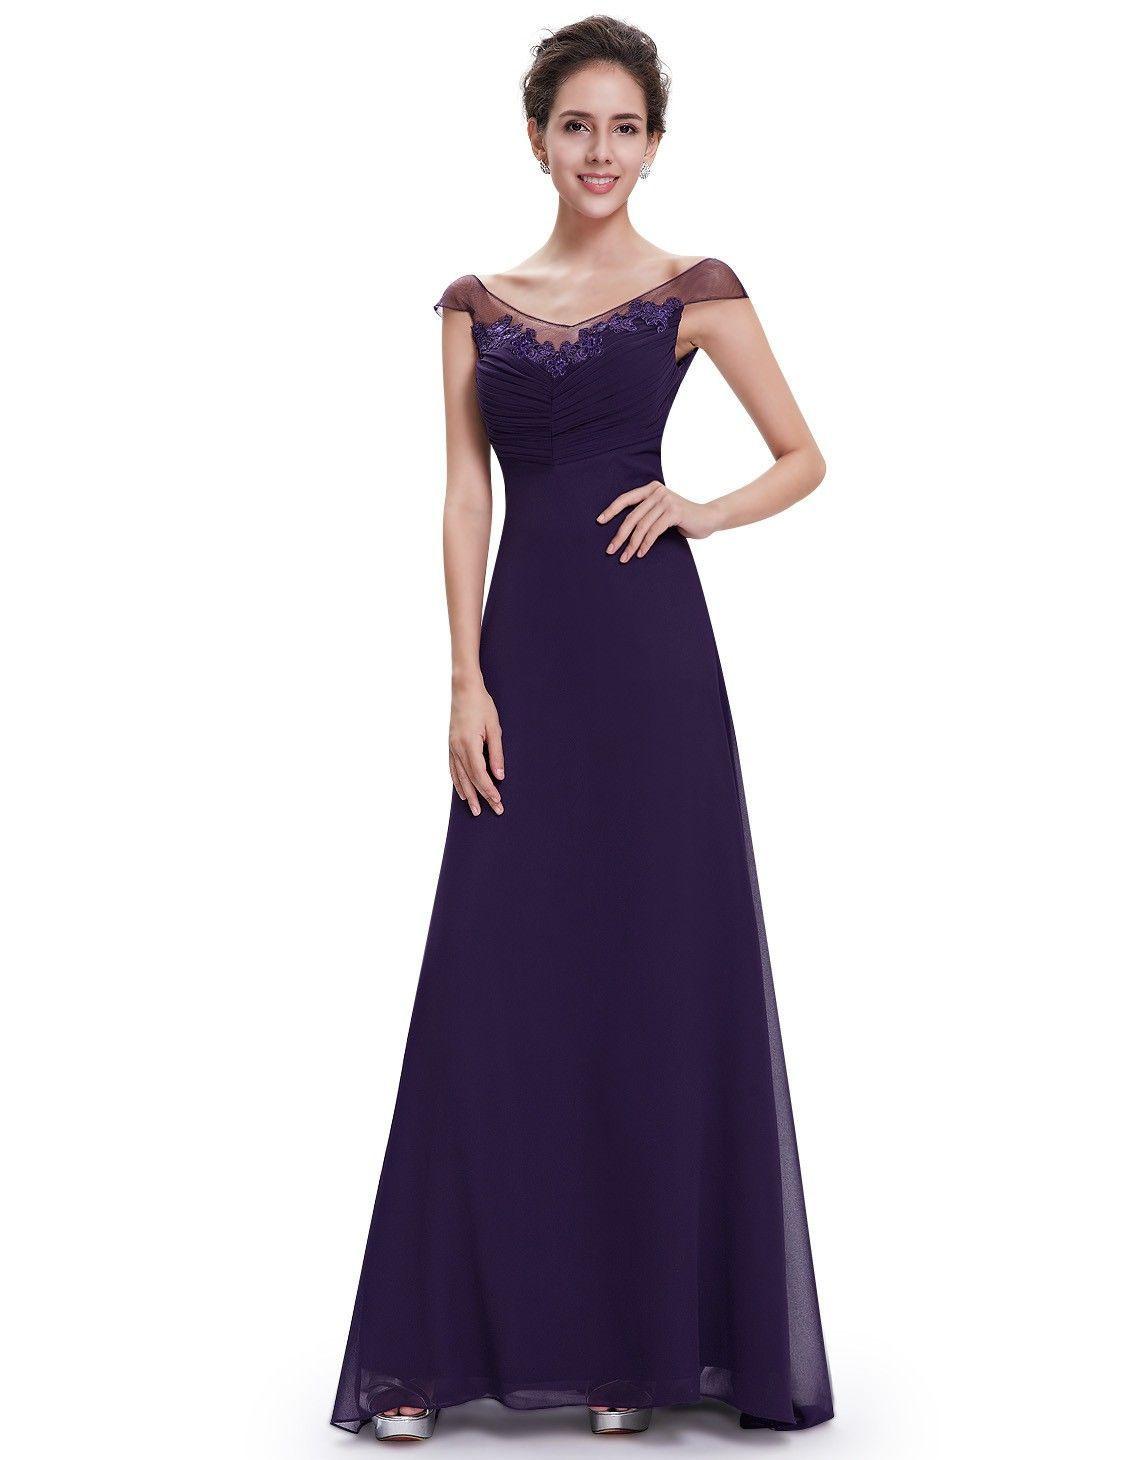 Abendmode / Lilanes Abendkleid Schlicht Online | Abendkleid